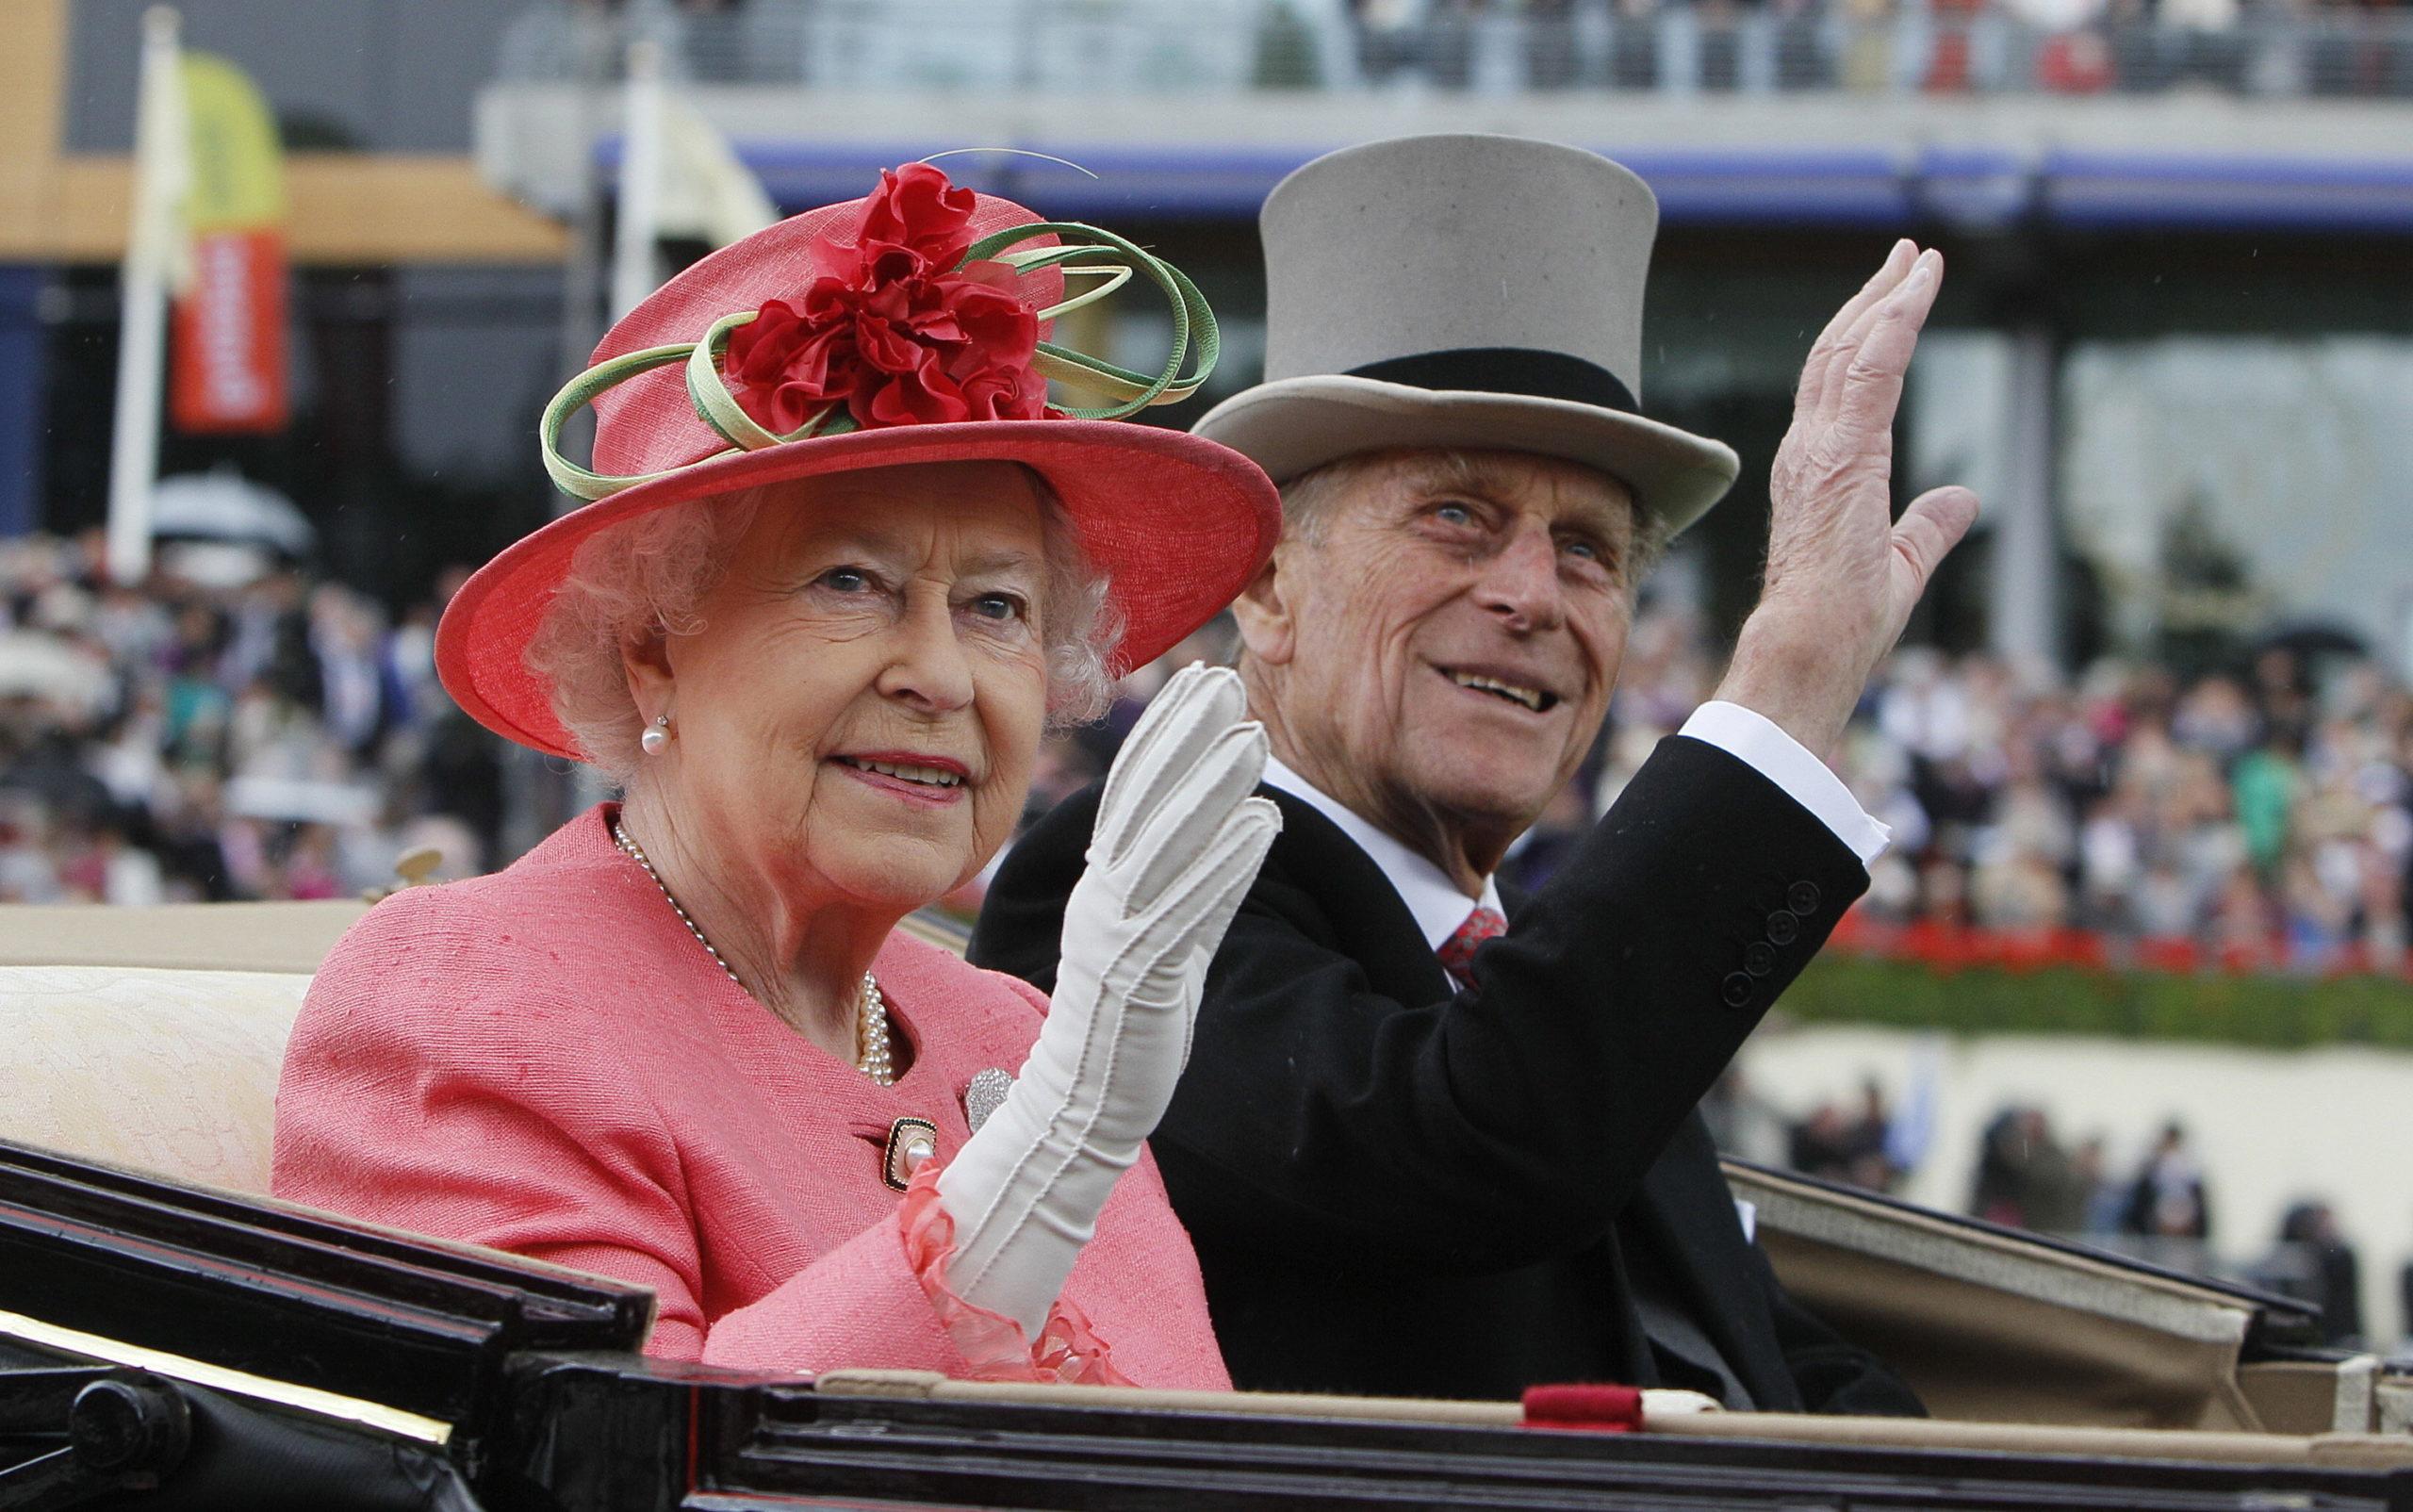 Erzsébet királynő ott volt Fülöp herceg ágyánál az utolsó percekben